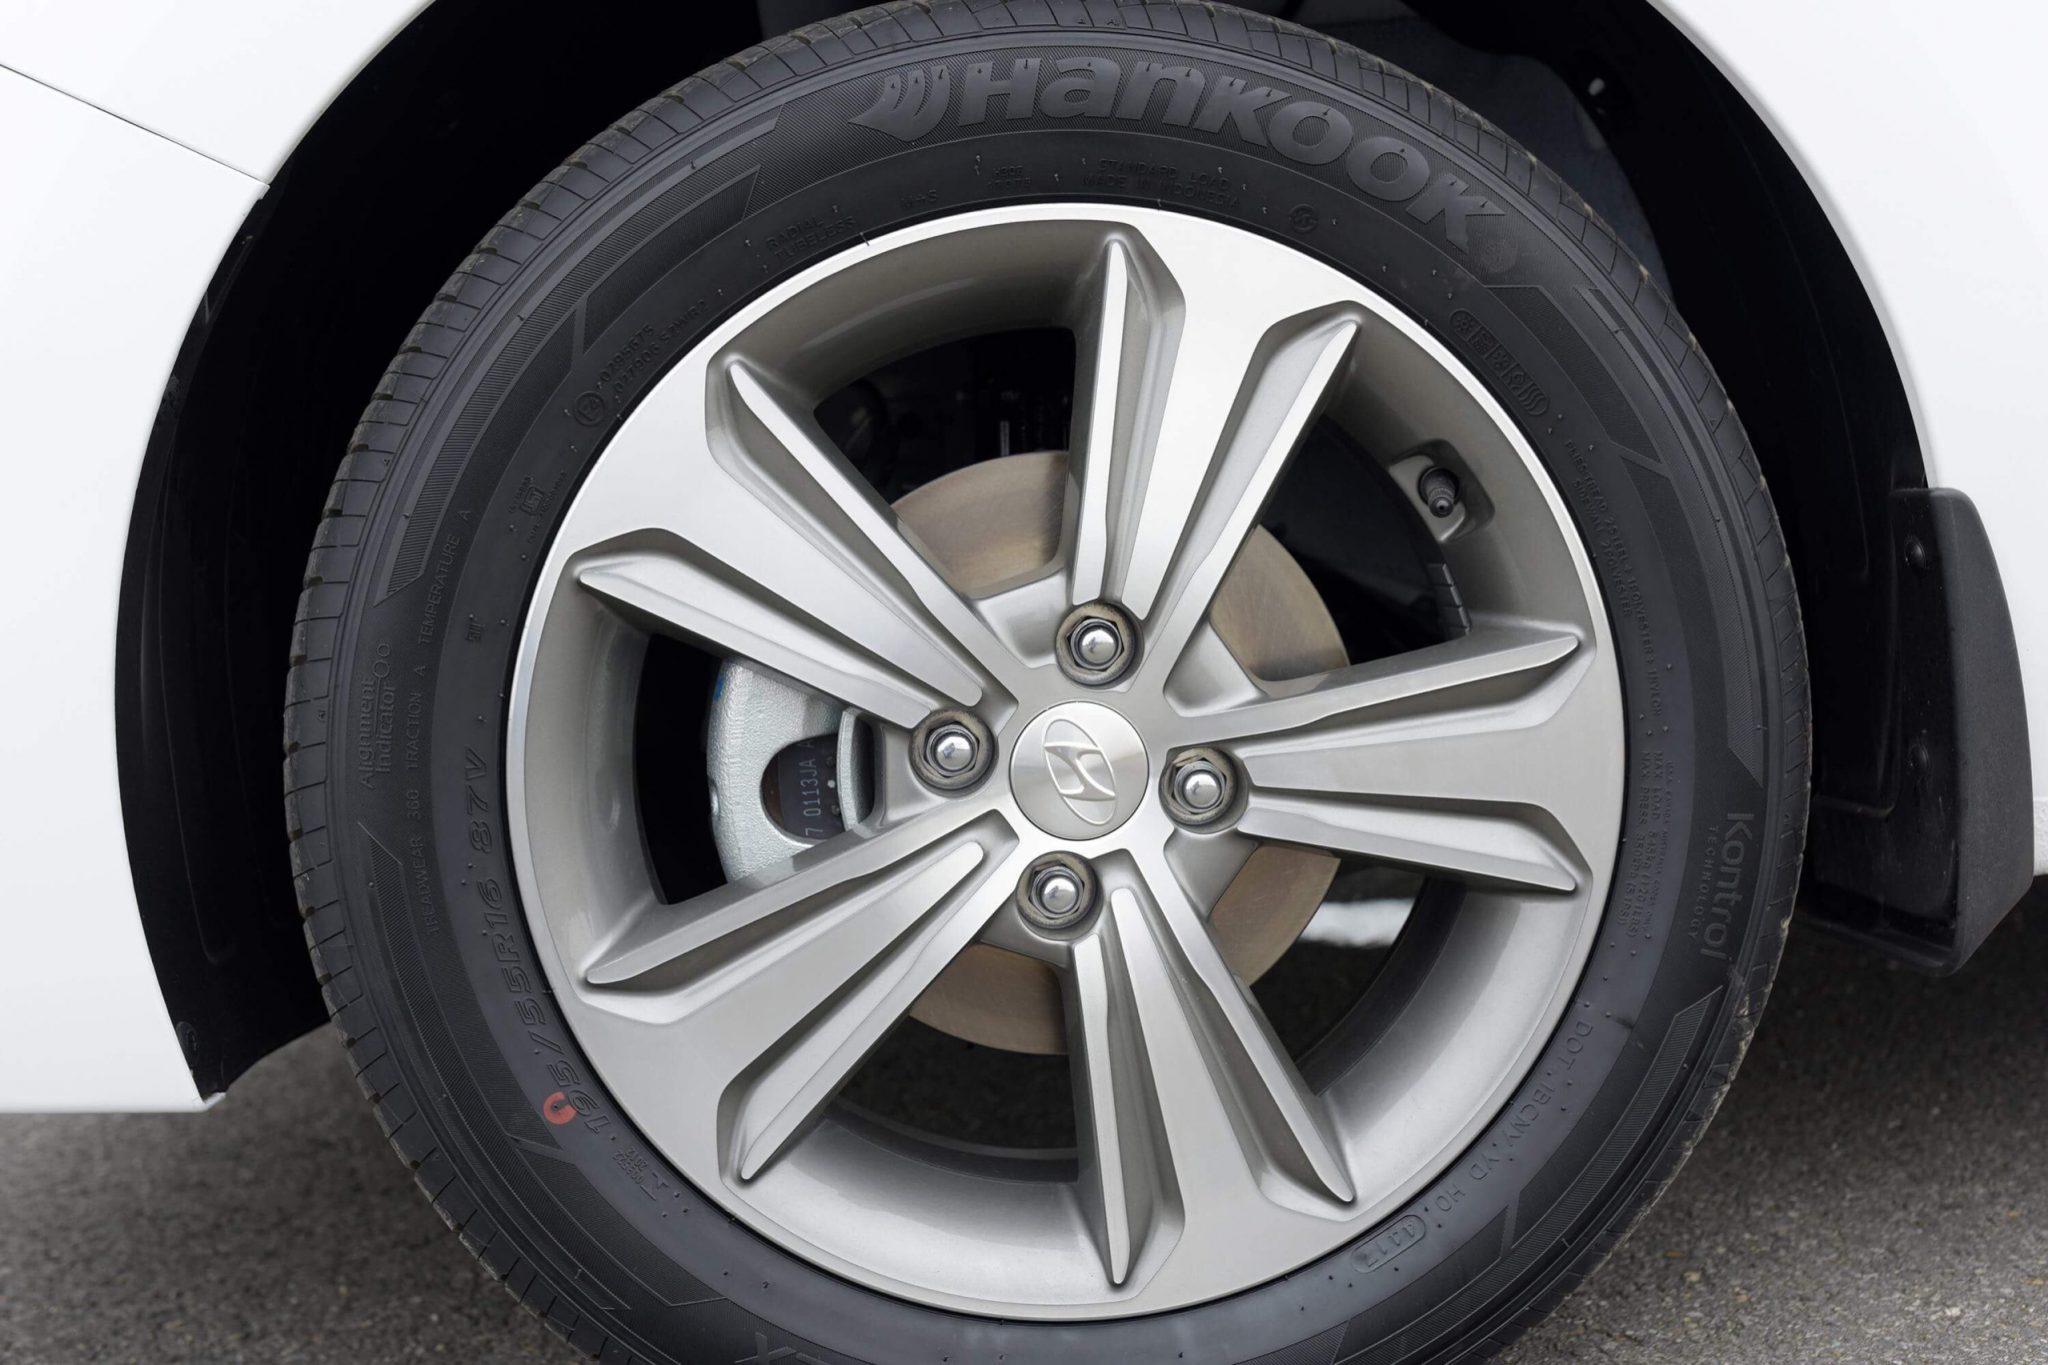 Hyundai accent anh 24 - Hyundai Accent mới: giá xe và khuyến mãi tháng [hienthithang]/[hienthinam]